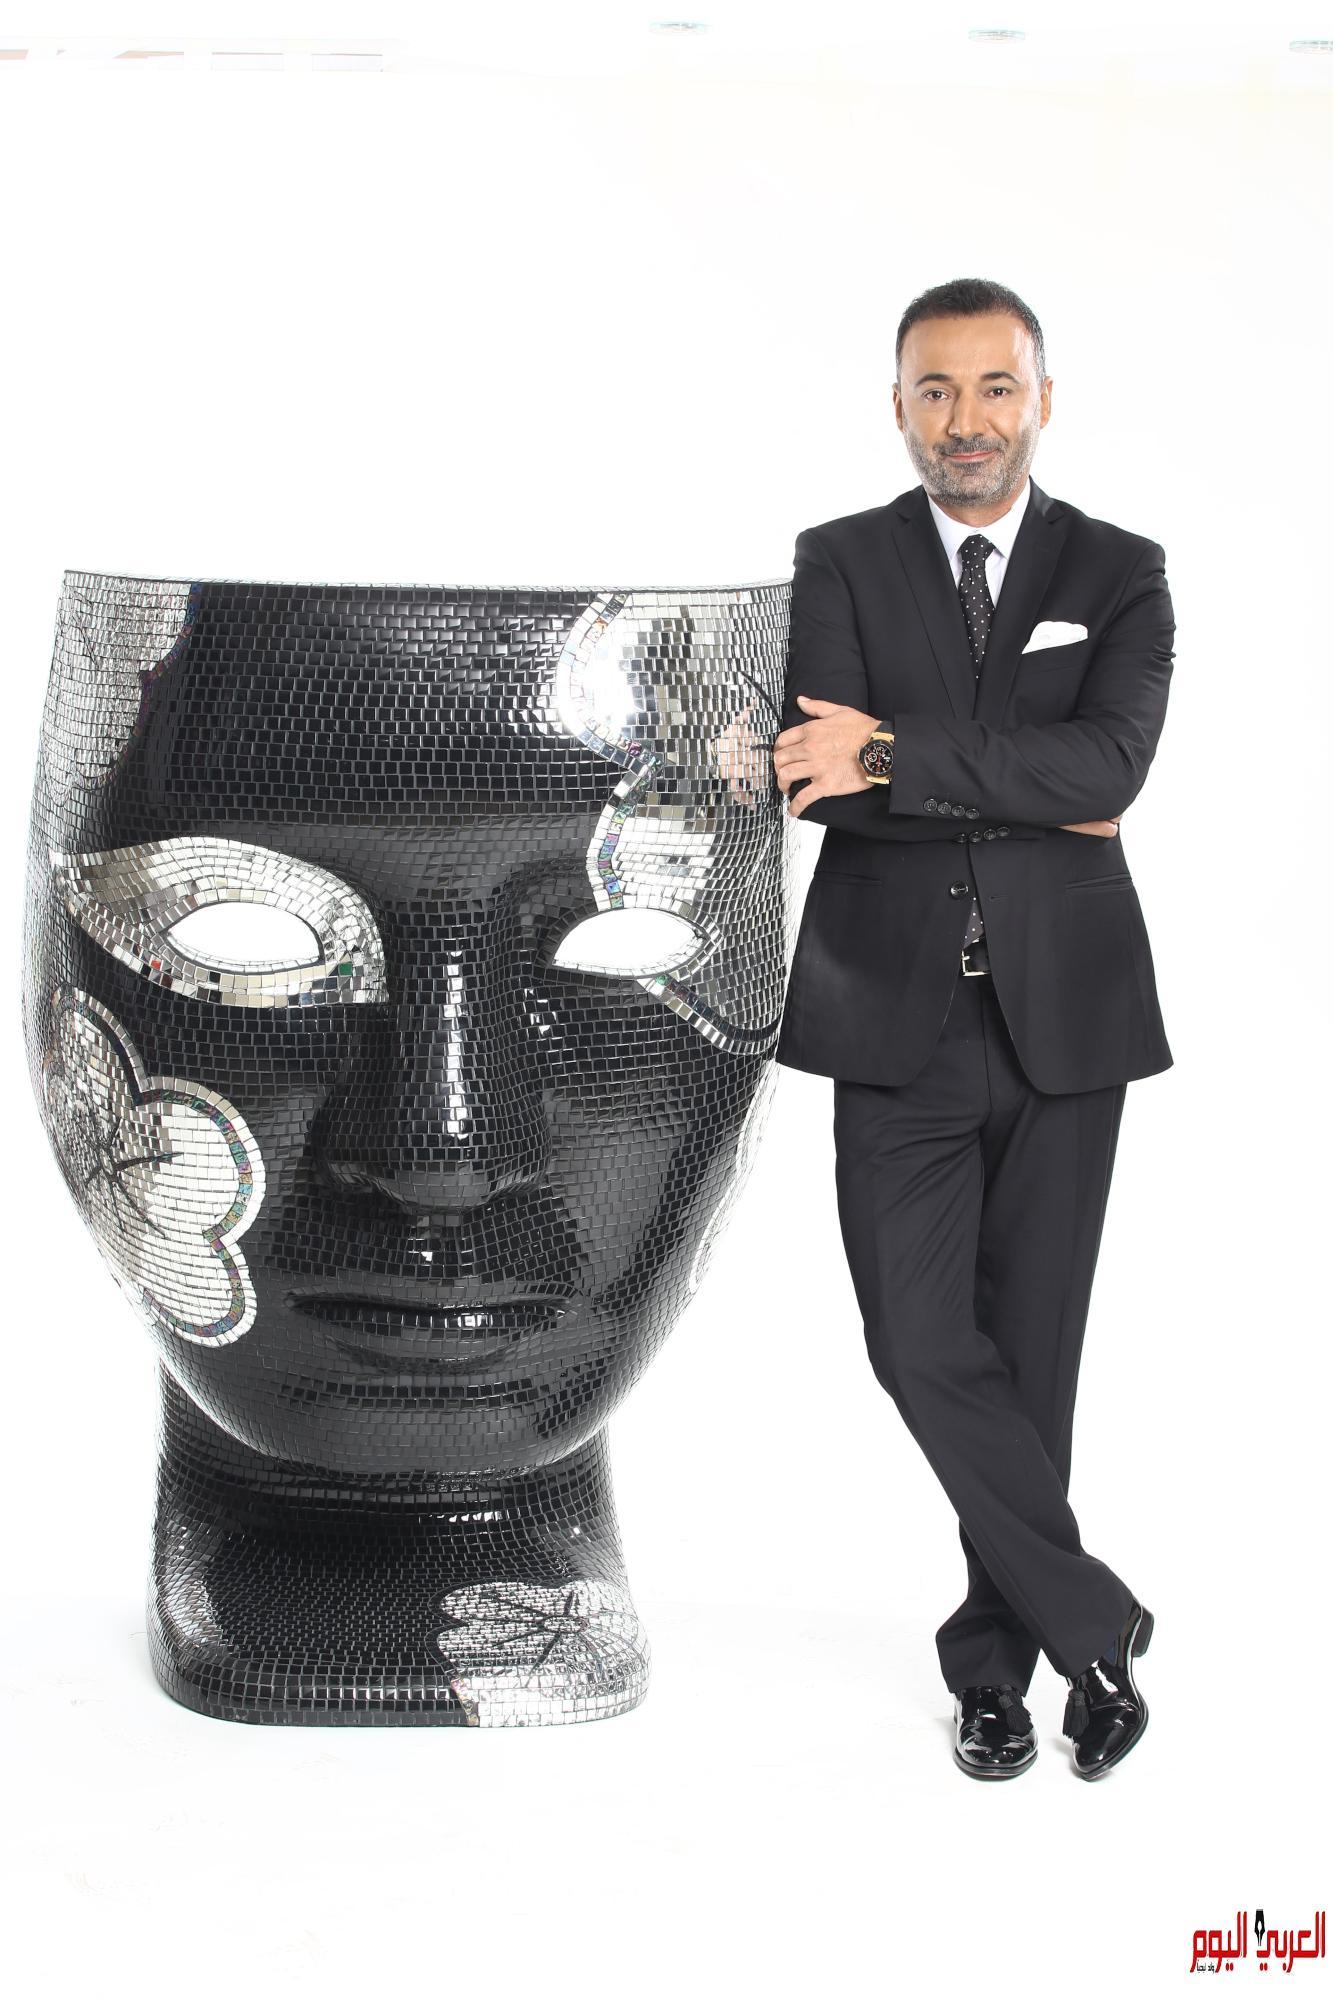 جراح تجميل المشاهير طوني نصار يفتتح مركزه في دبي